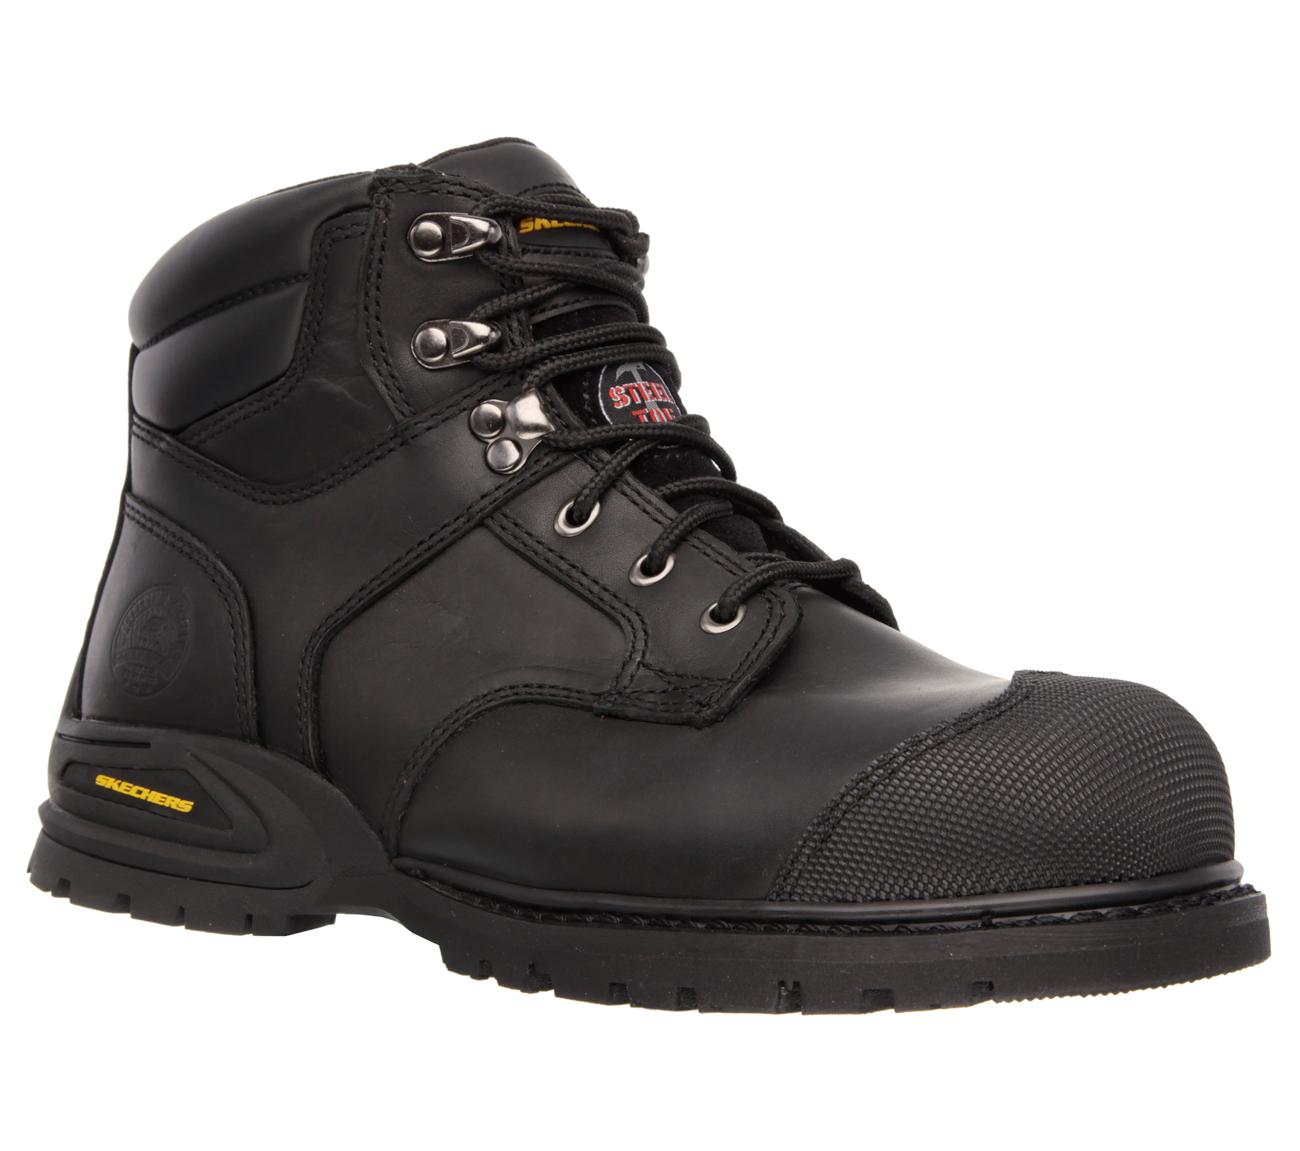 Skechers Shape Up Steel Toe Work Shoes